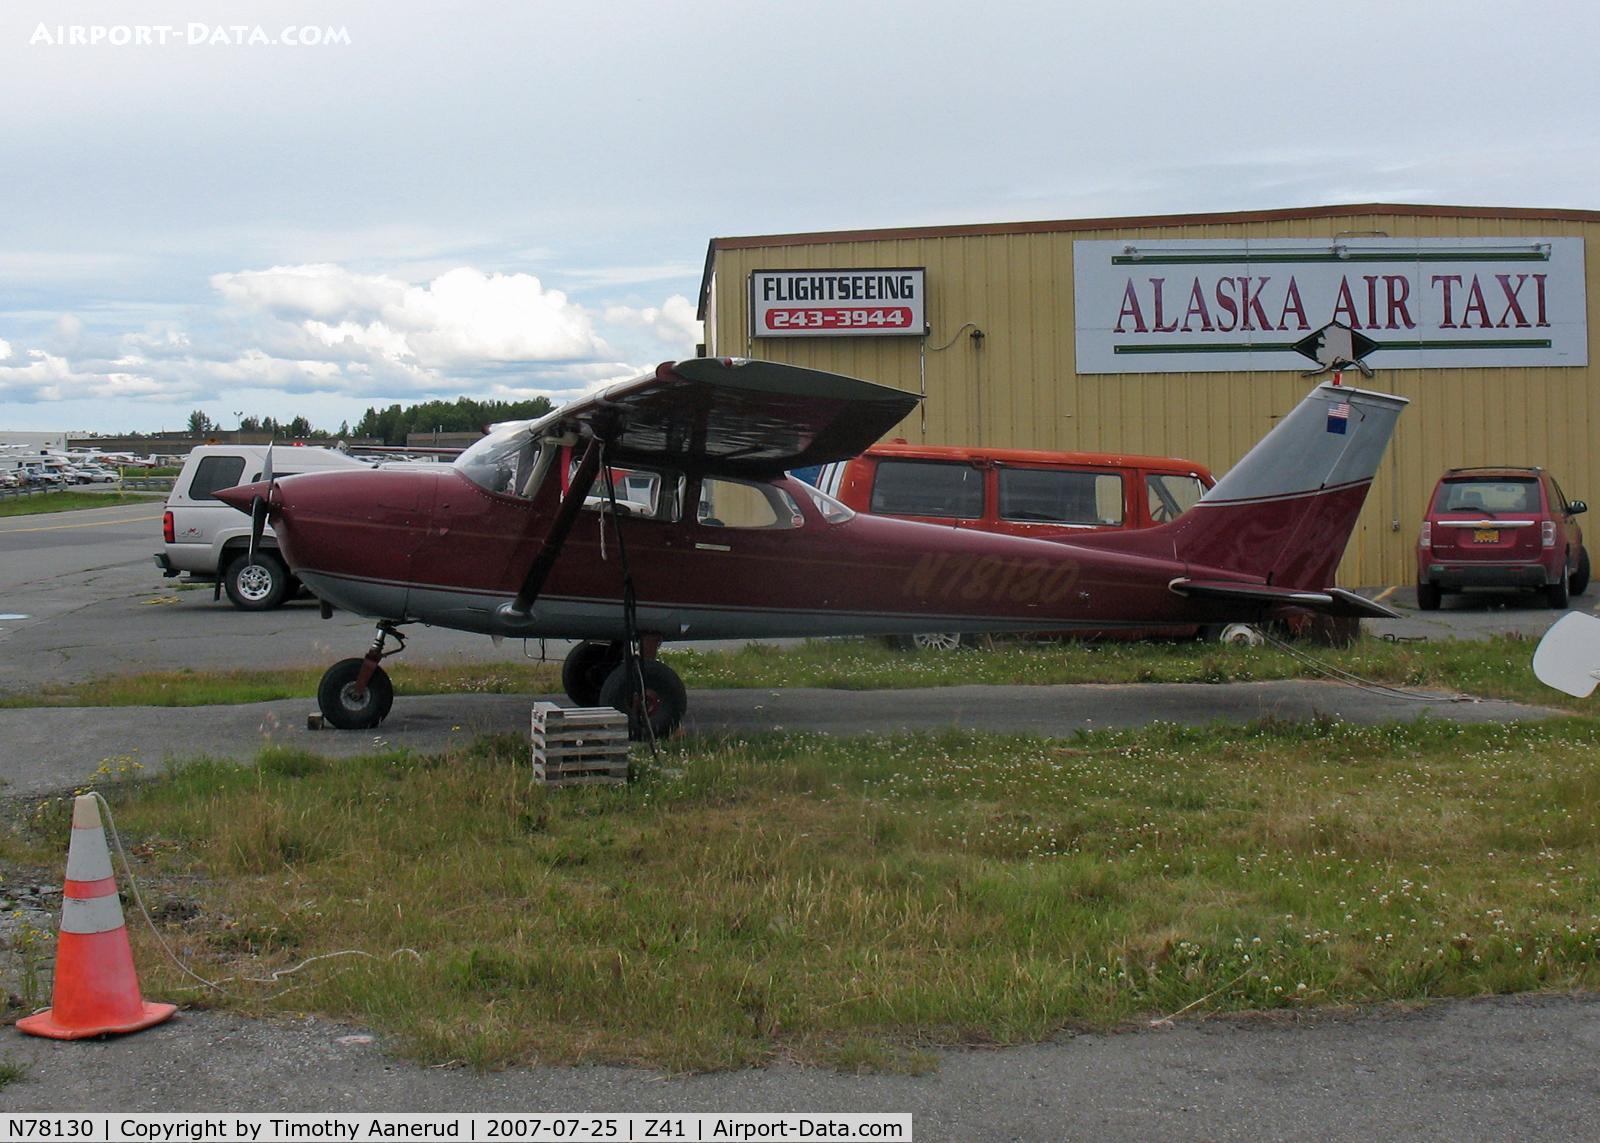 N78130, 1968 Cessna 172K Skyhawk C/N 17257493, Tied down by Lake Hood